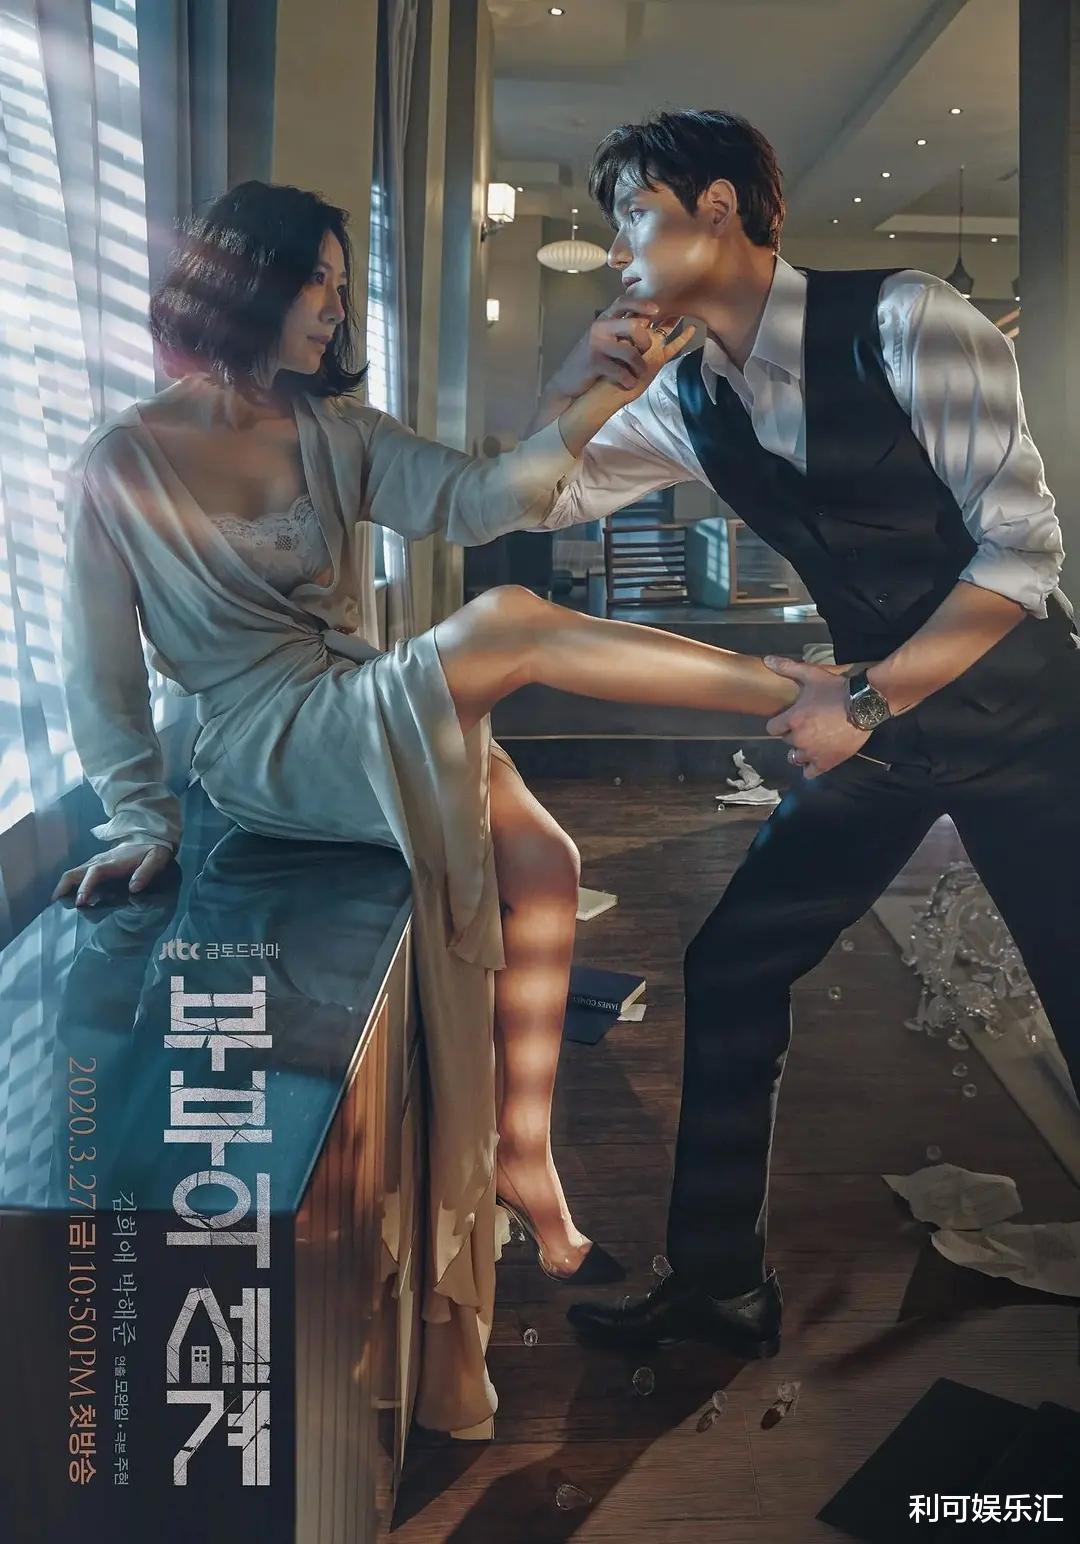 JTBC一蹶不振,播出中的韩剧全部创下1%收视率,这次又是爱豆背锅插图6